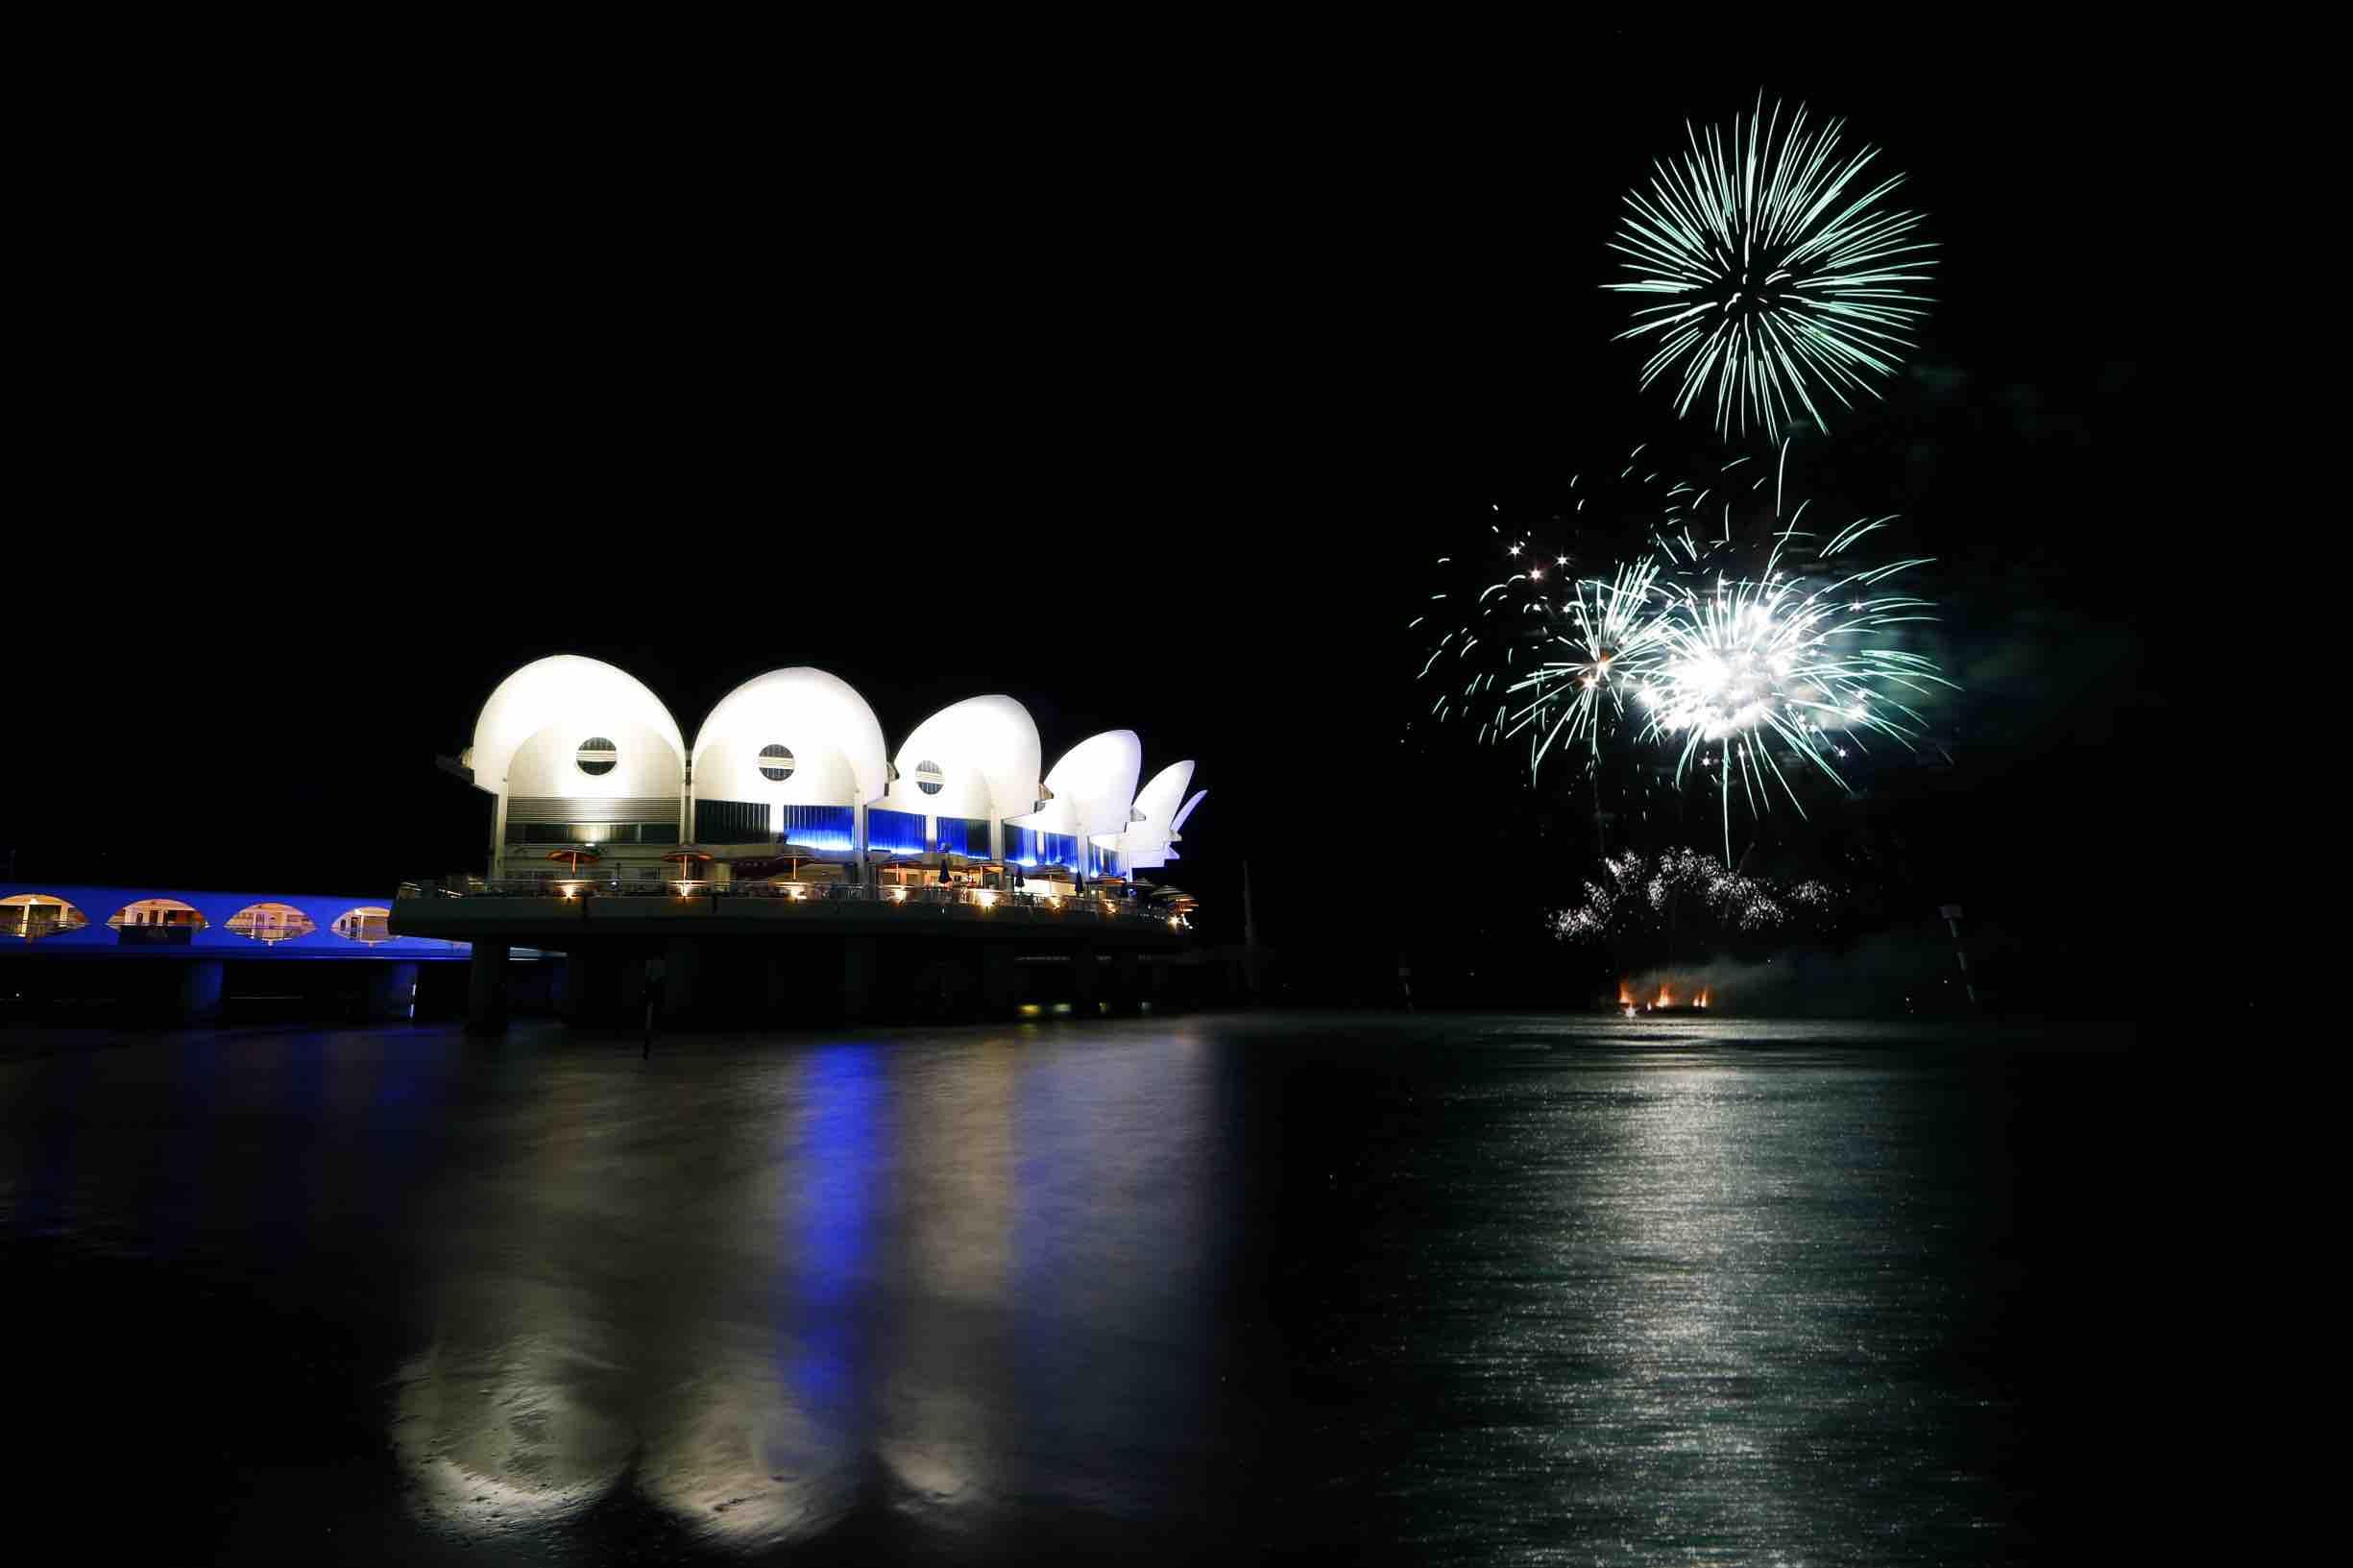 GG mercatini di natale 2018 natale da mare